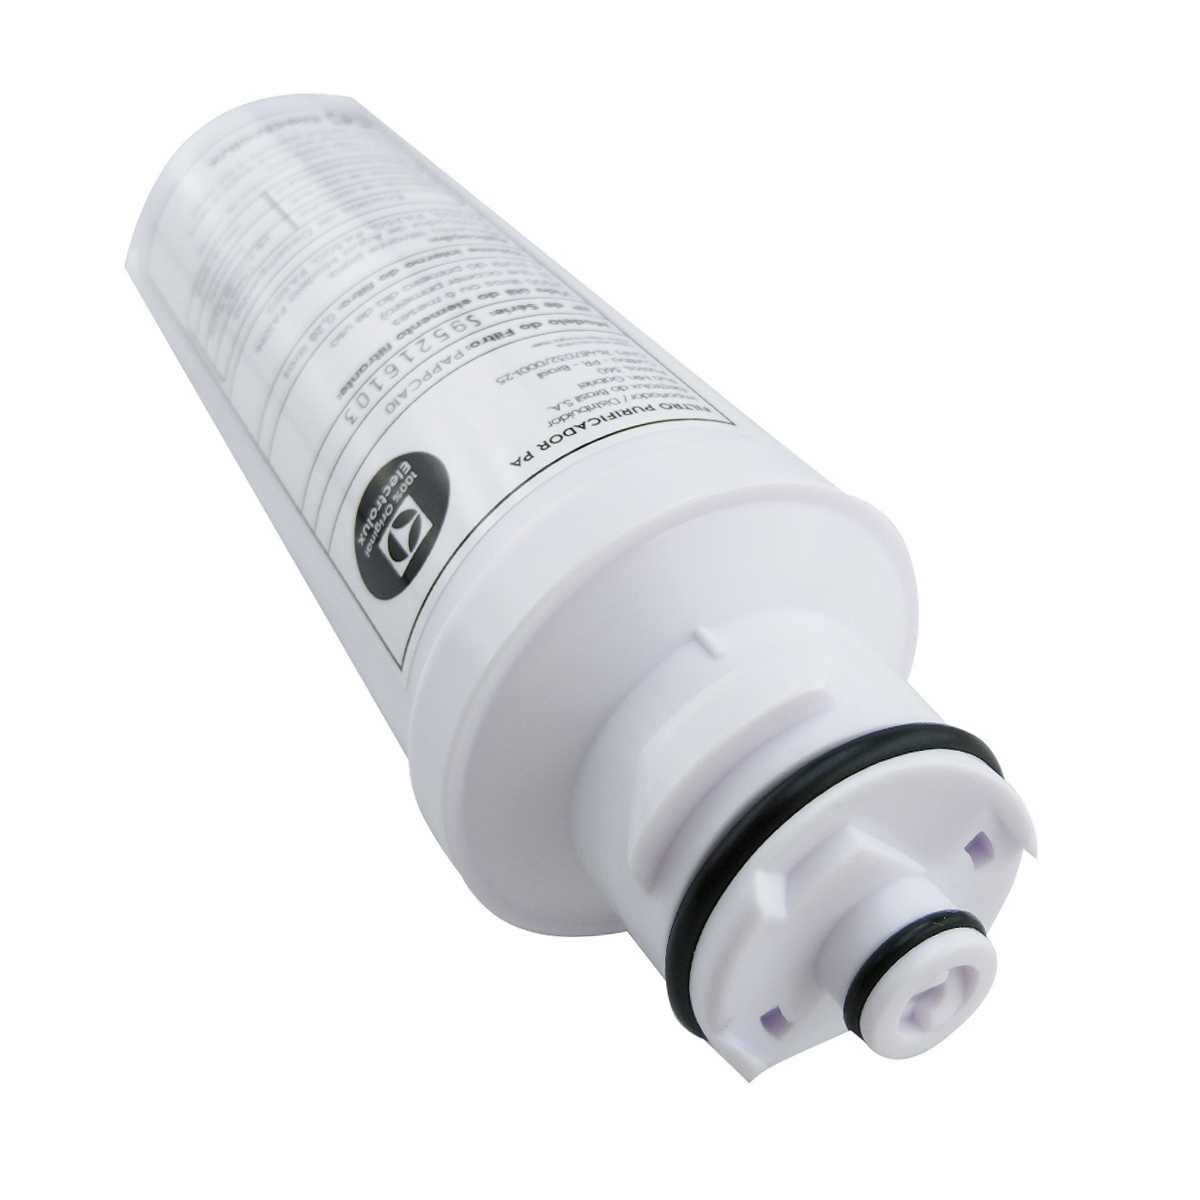 Refil Filtro Agua purificador Electrolux PA40G, PA30G, PA20G, PA25G, PA10N